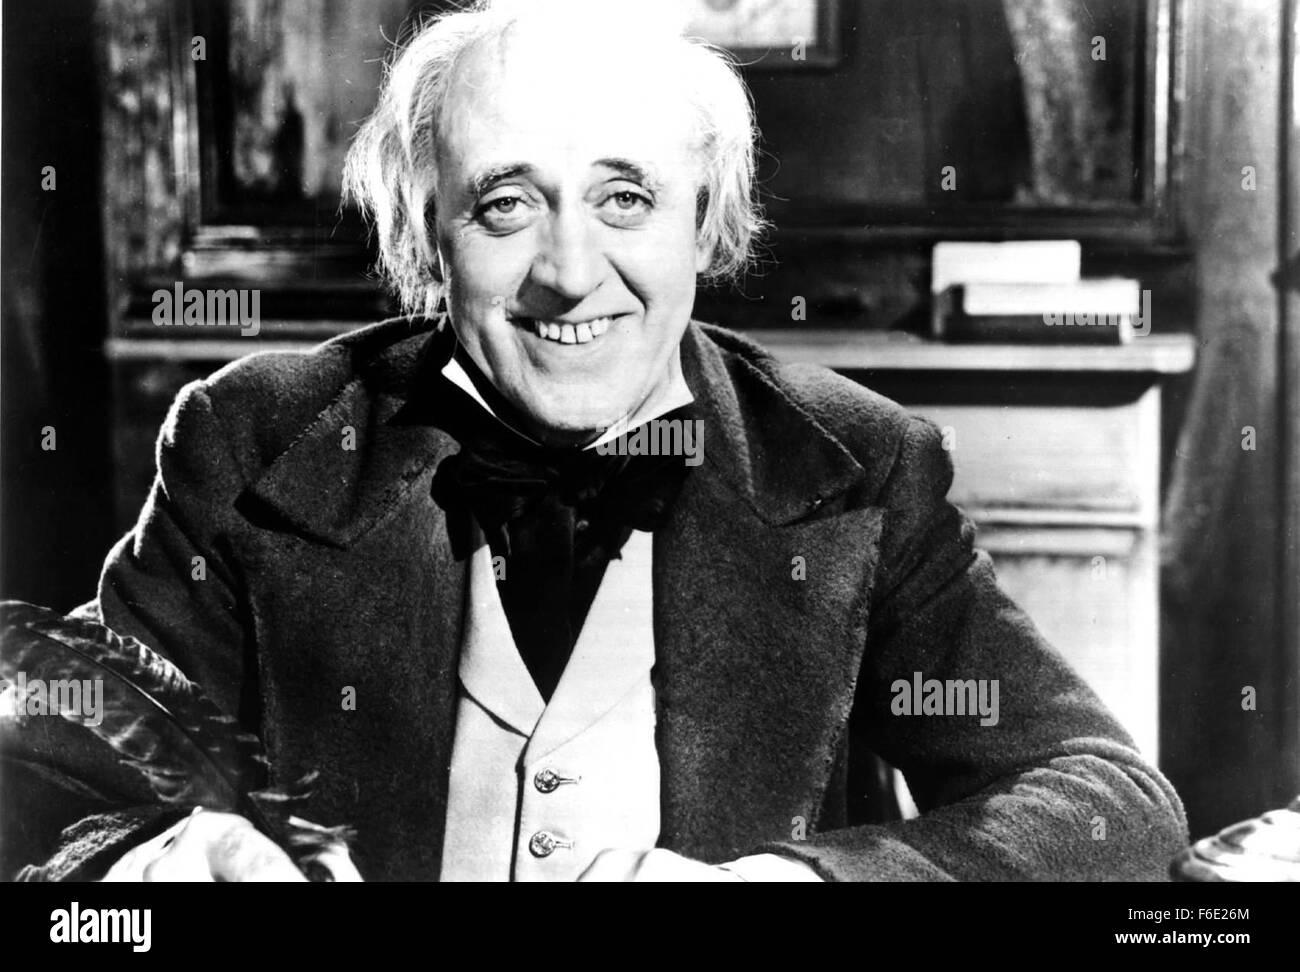 VERÖFFENTLICHT: 16. Dezember 1938 - Film Originaltitel: A Christmas ...